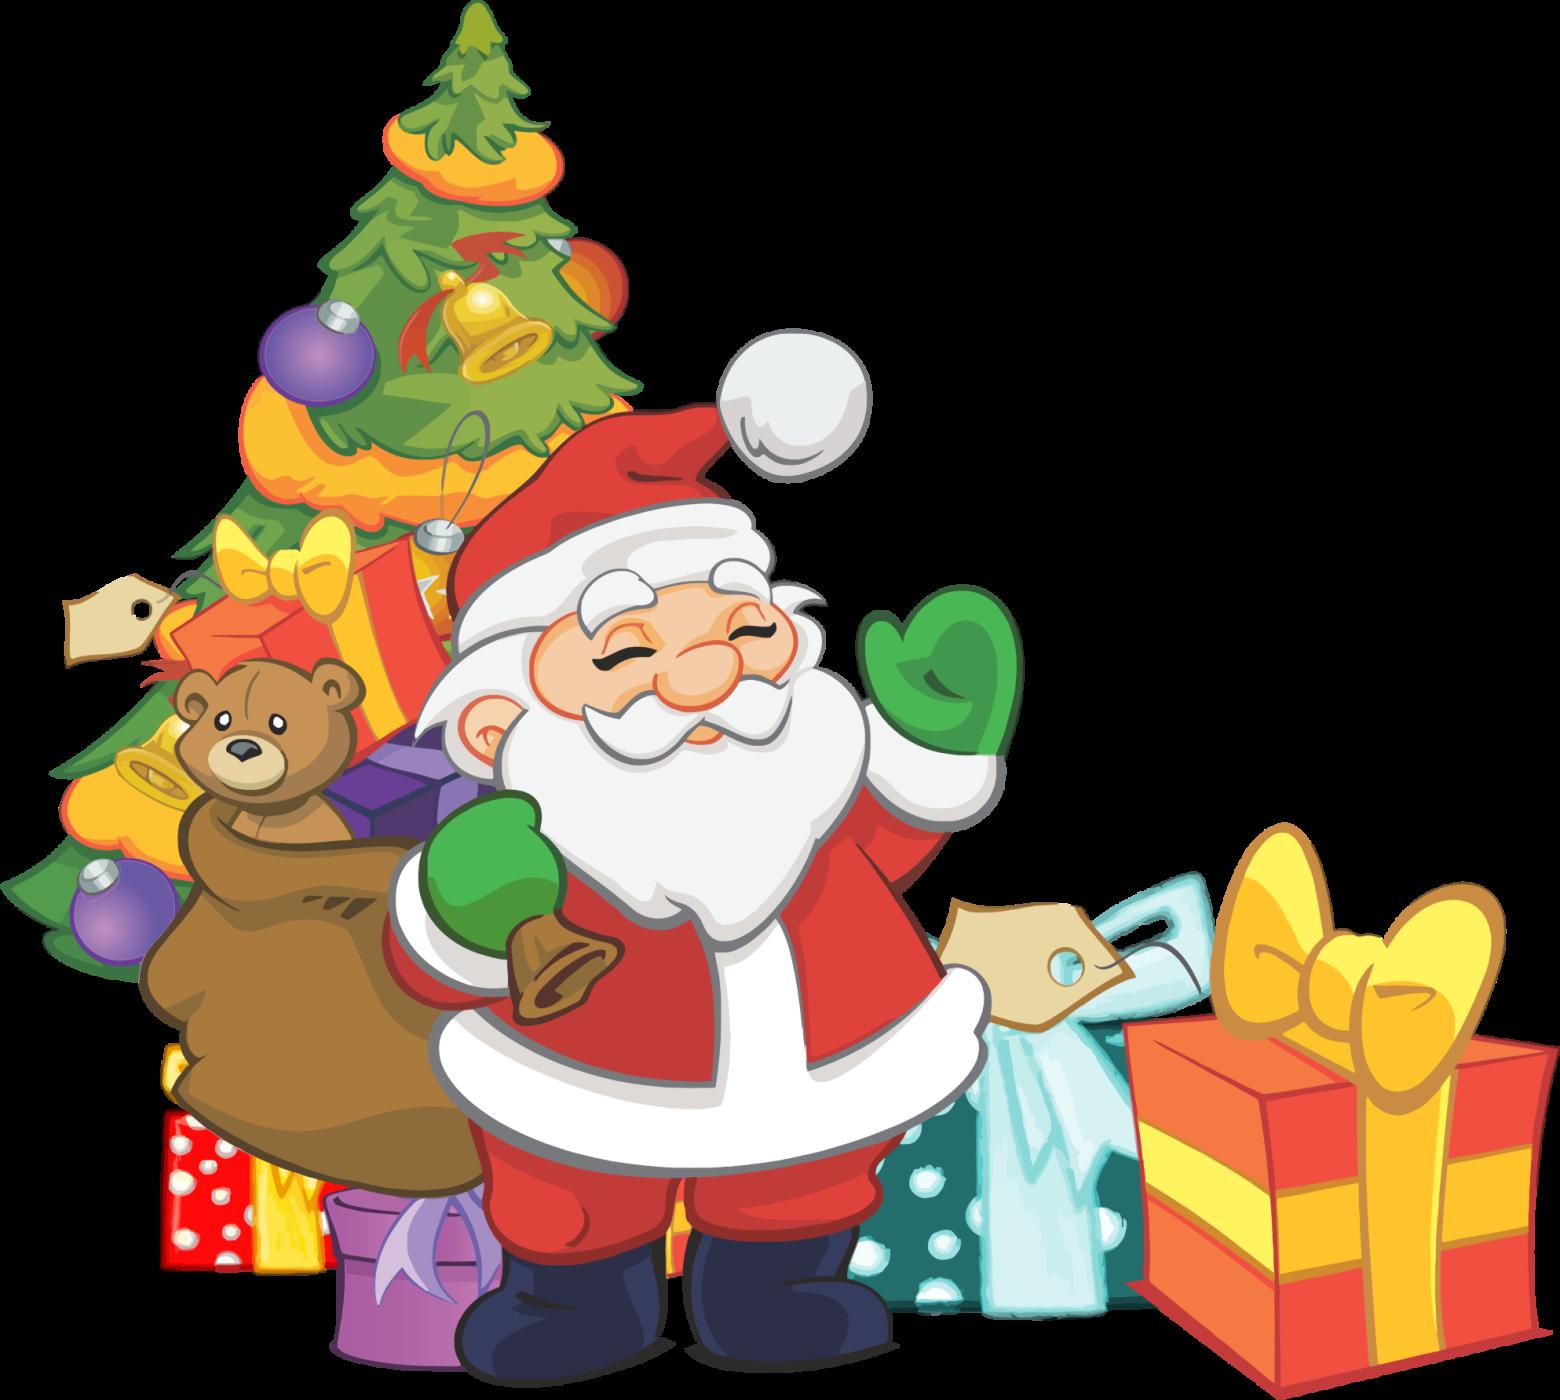 clipart père noel sapin jouet cadeaux | images gratuites ...